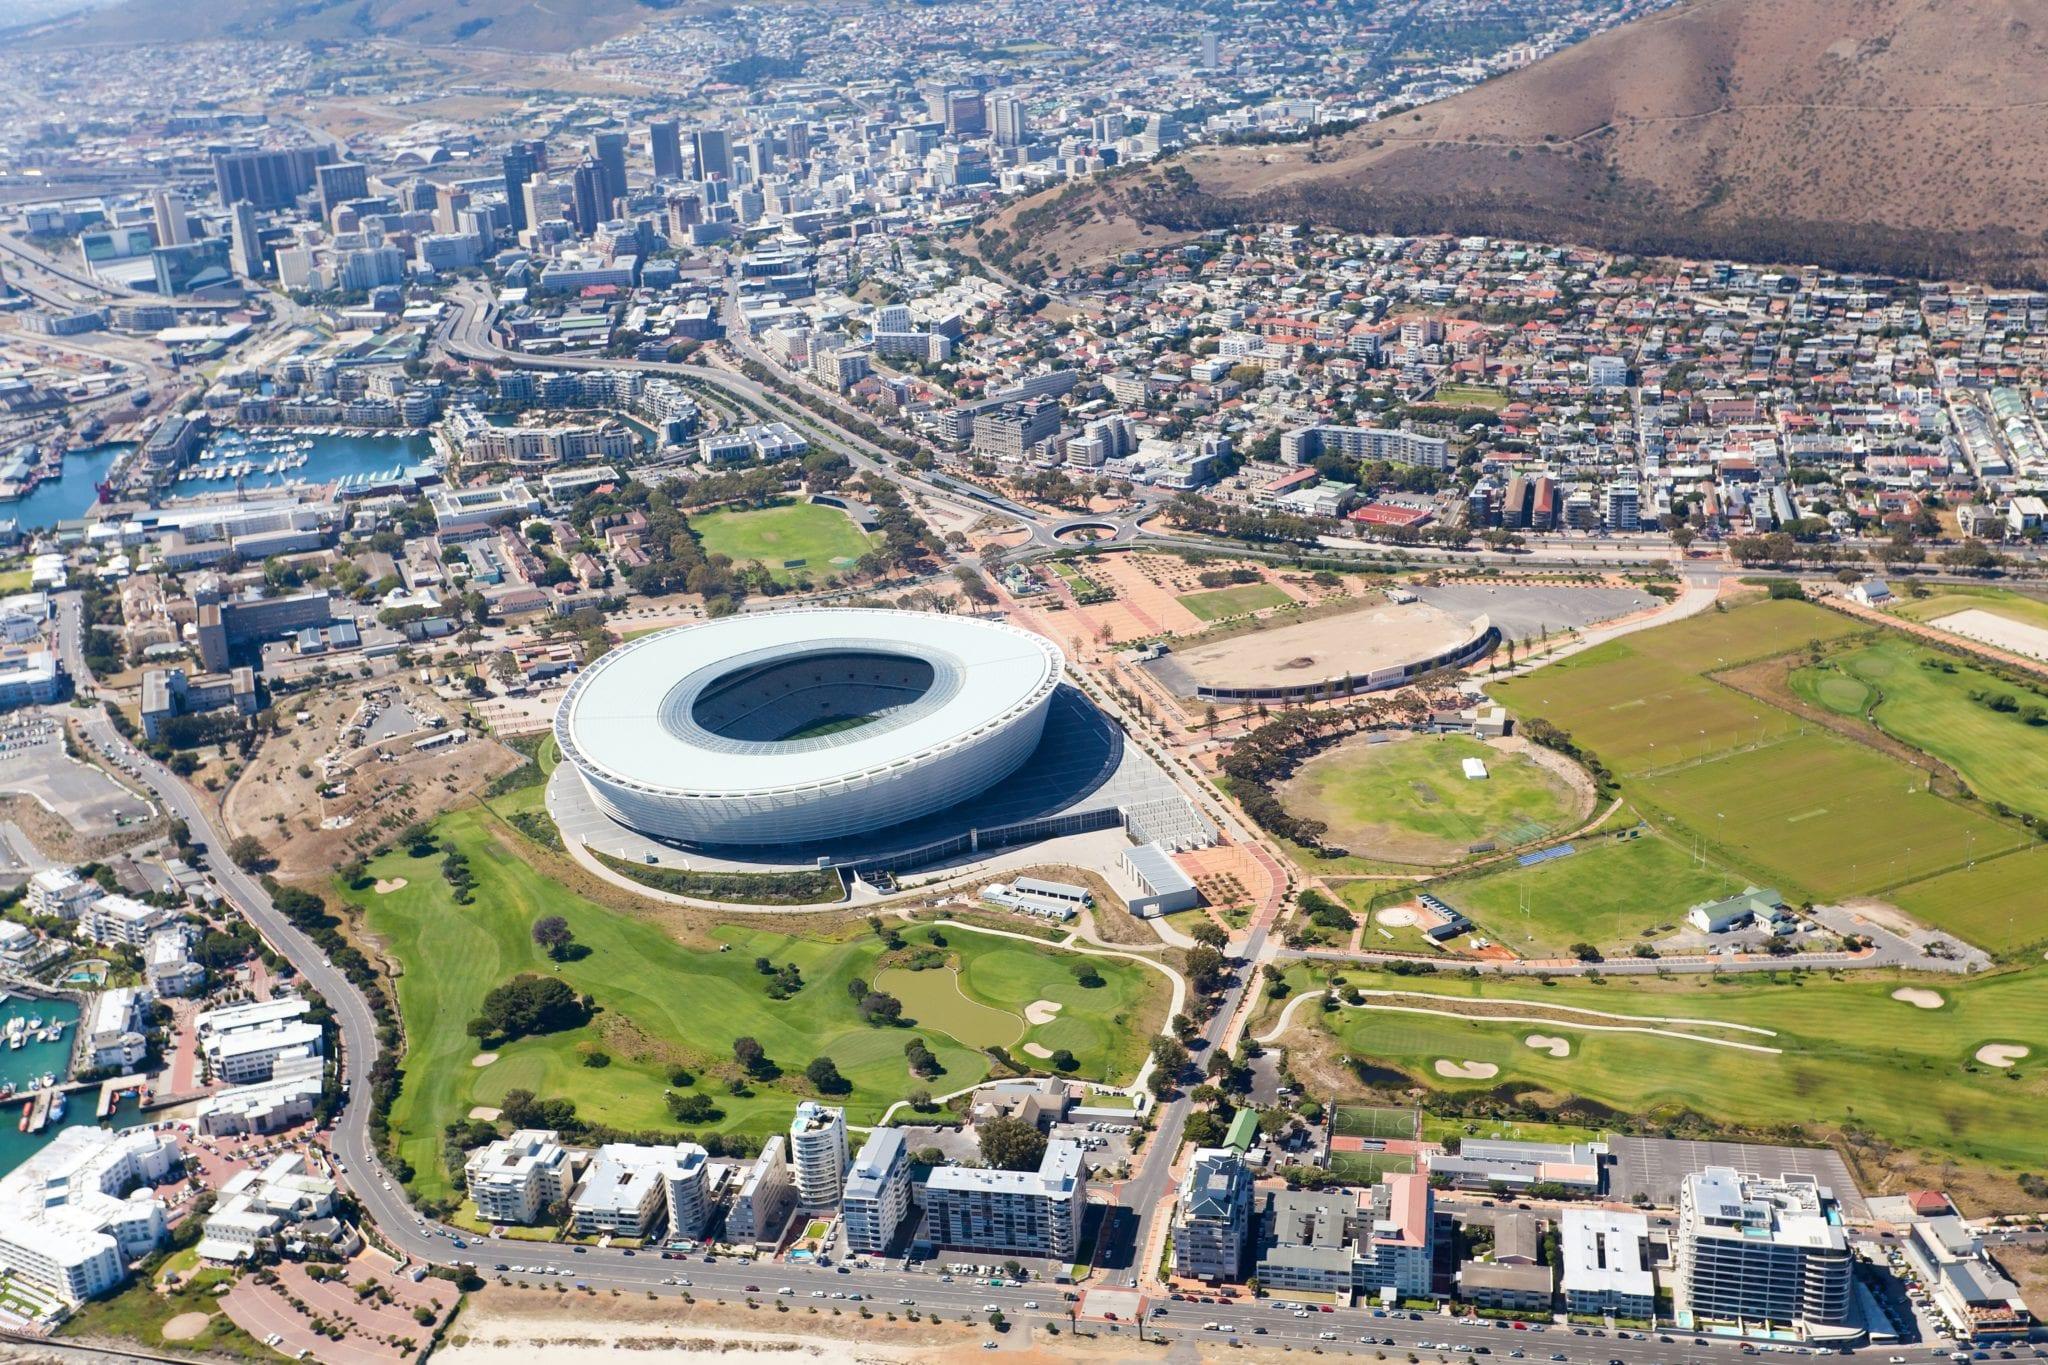 Kapstadt Stadion